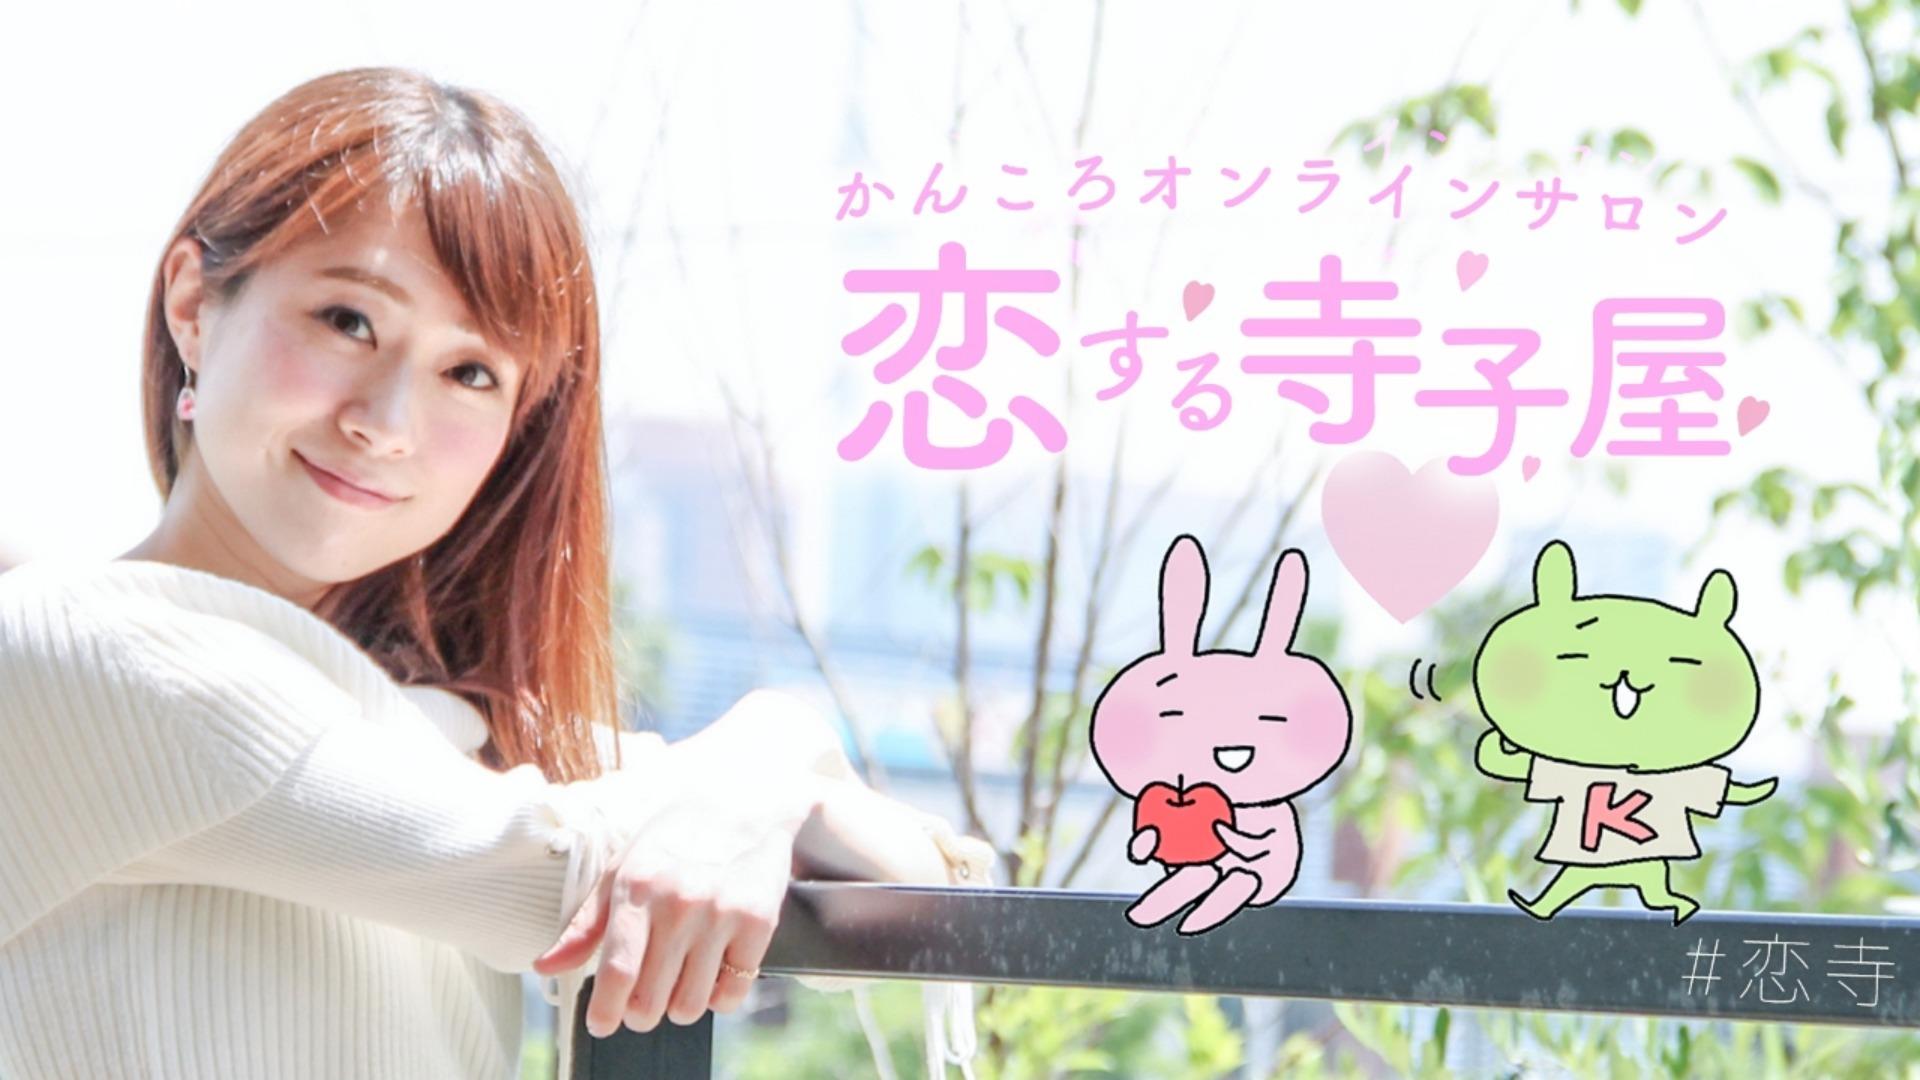 かんころ - かんころオンラインサロン 恋する寺子屋 - DMM オンラインサロン